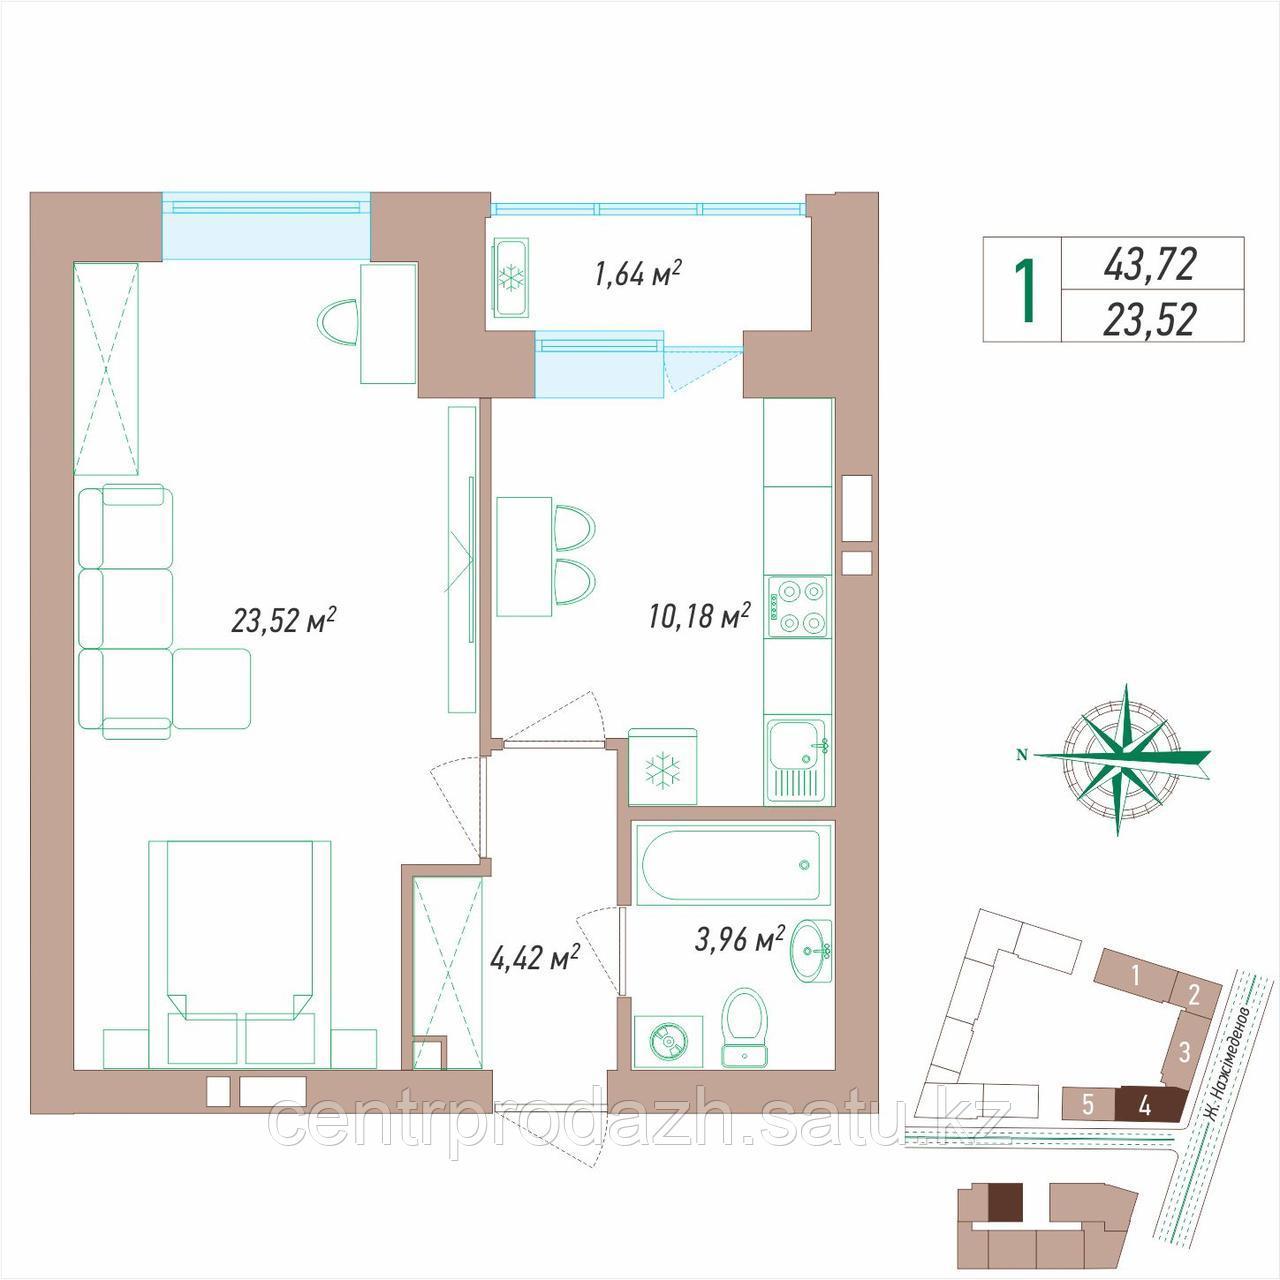 1 комнатная квартира 43.72 м²